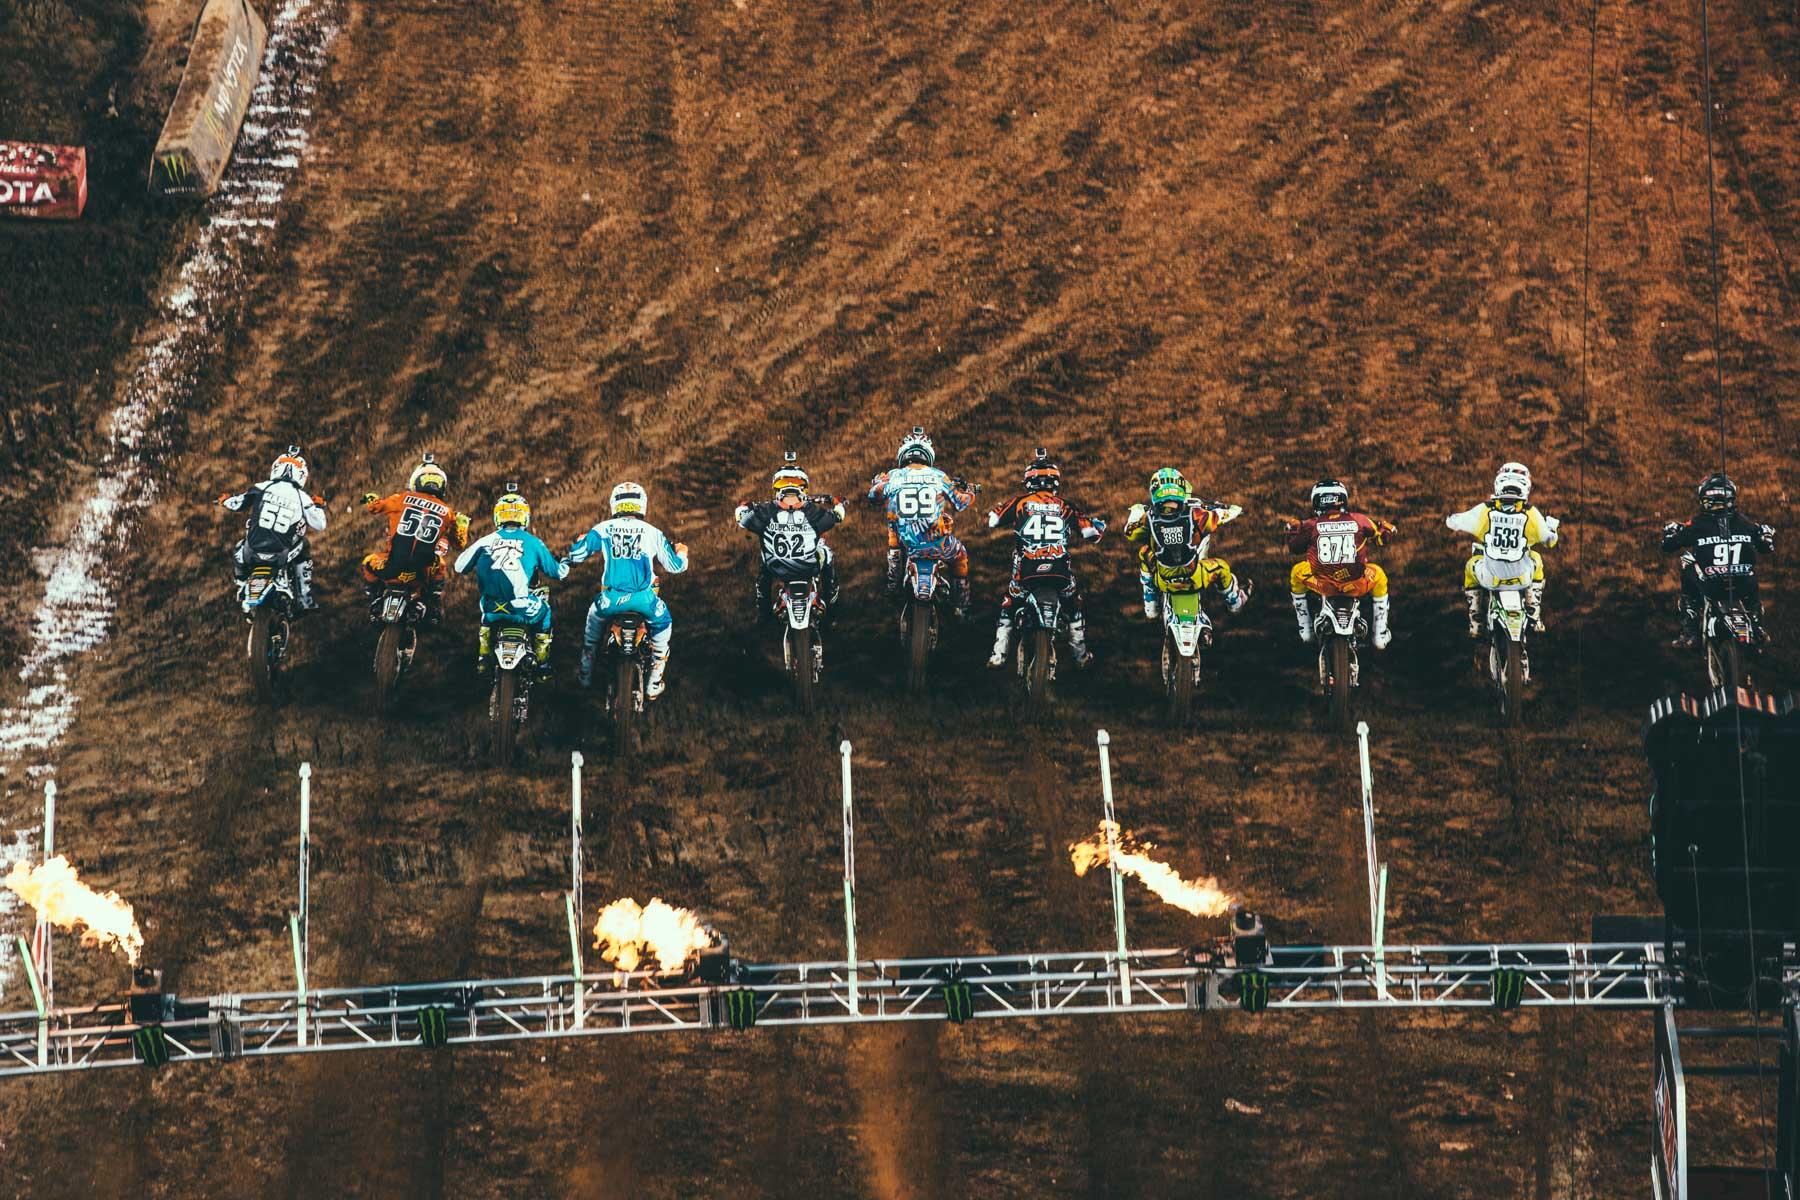 20140426-supercross-316.jpg